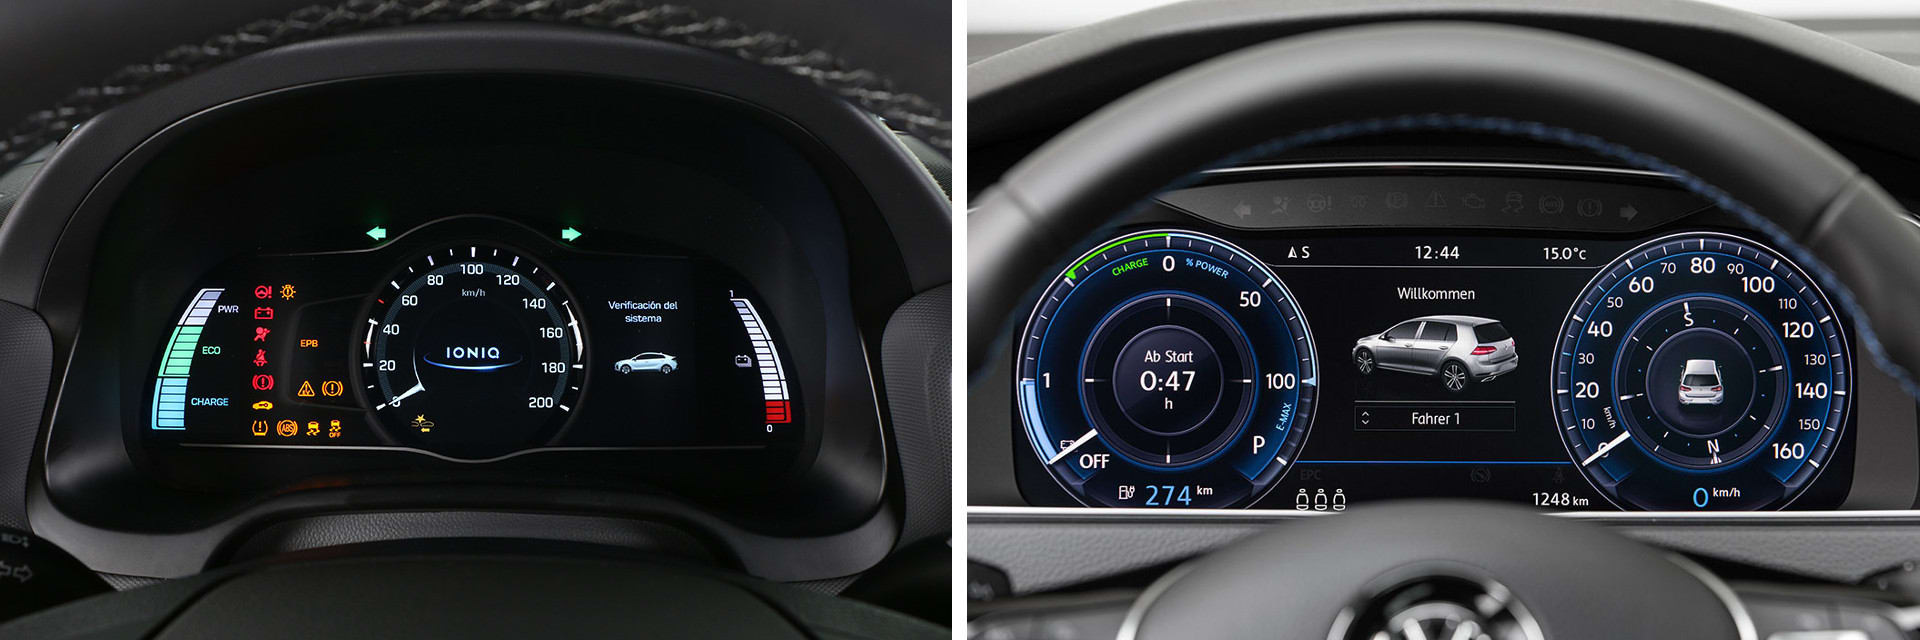 Ambas instrumentaciones muestran una información clara y detallada. La del Volkswagen (dcha.) es más grande, de 12,3 pulgadas.